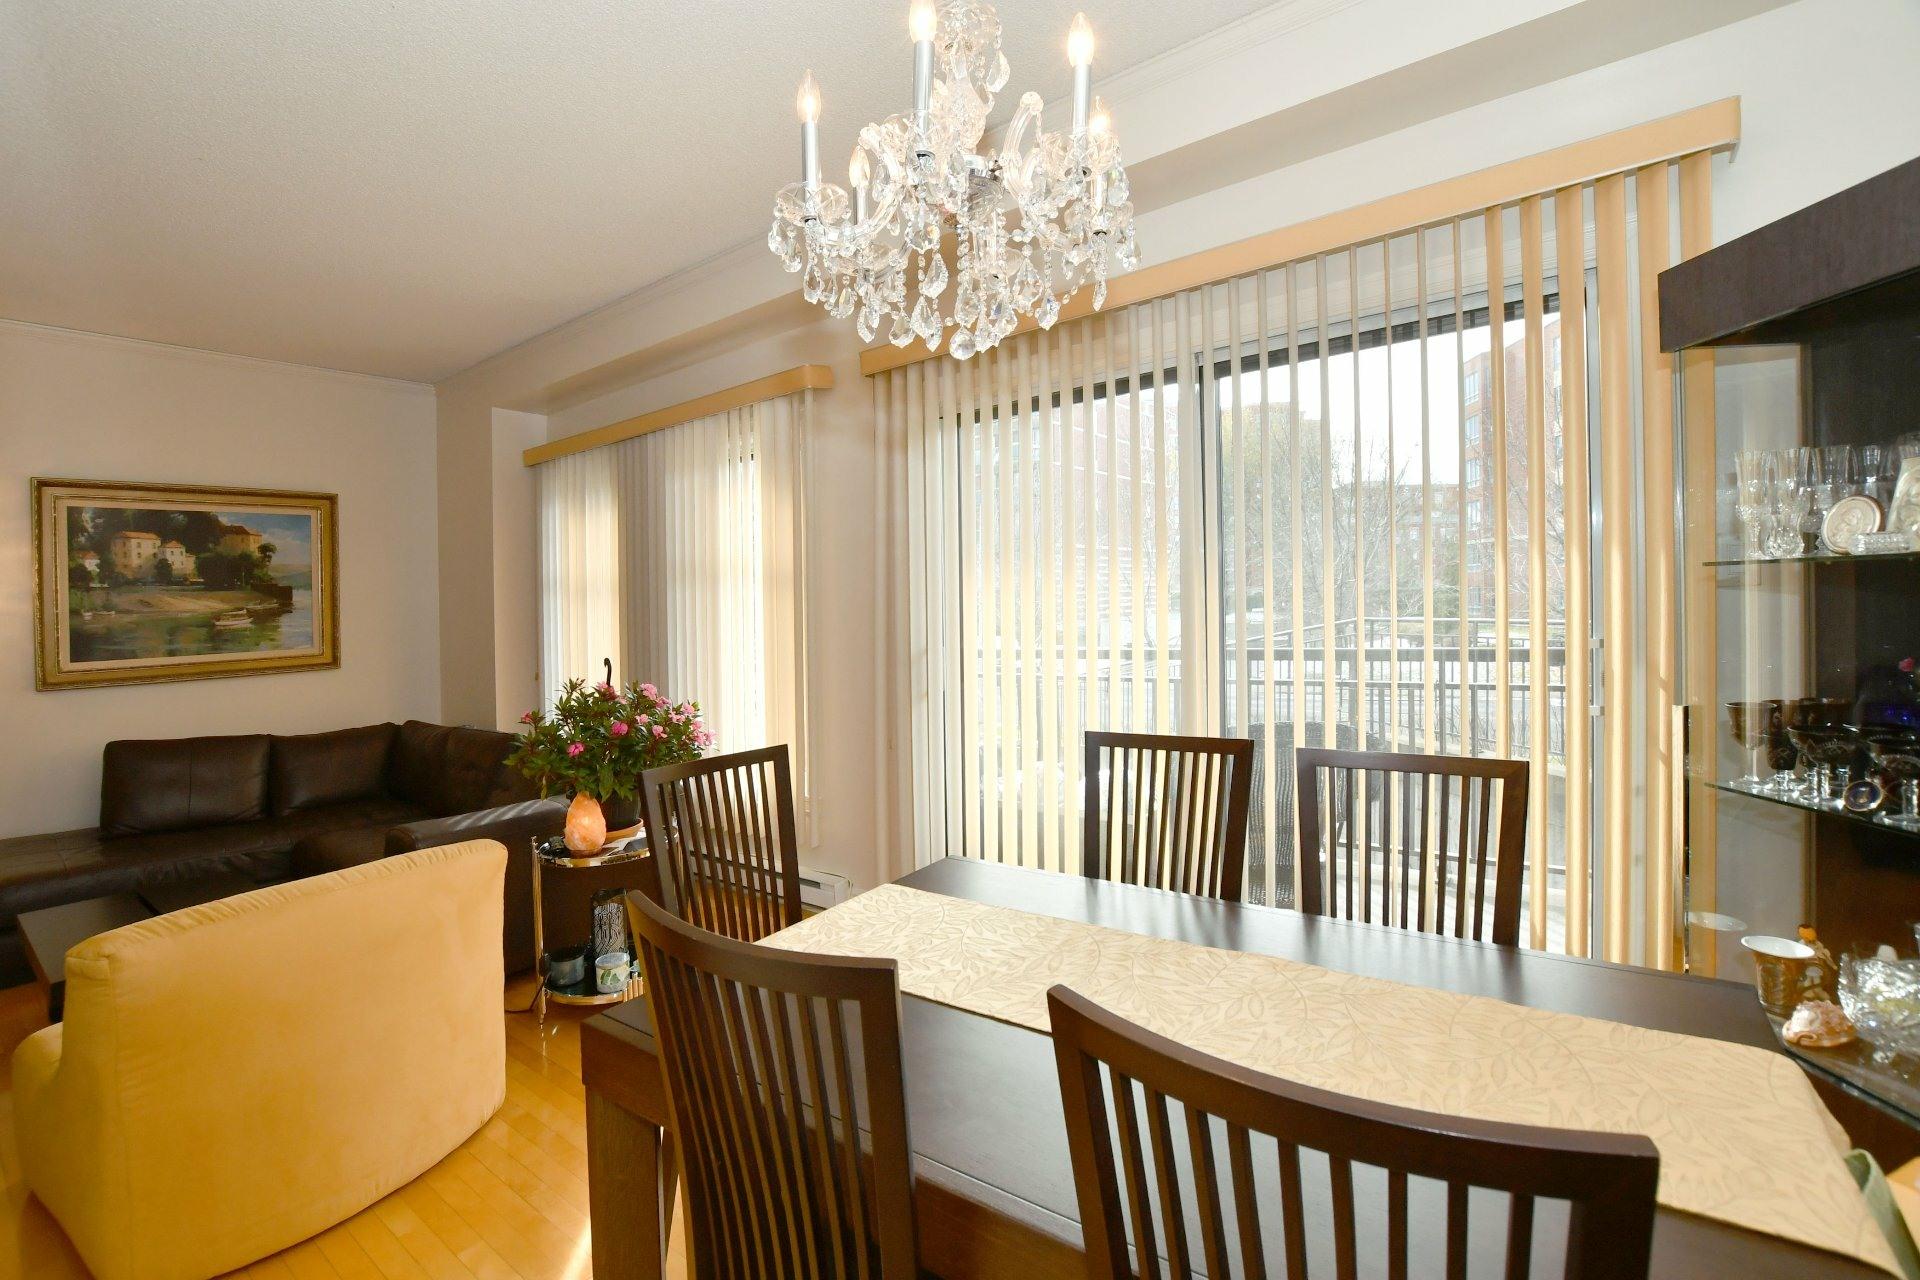 image 3 - Apartment For sale Saint-Laurent Montréal  - 5 rooms